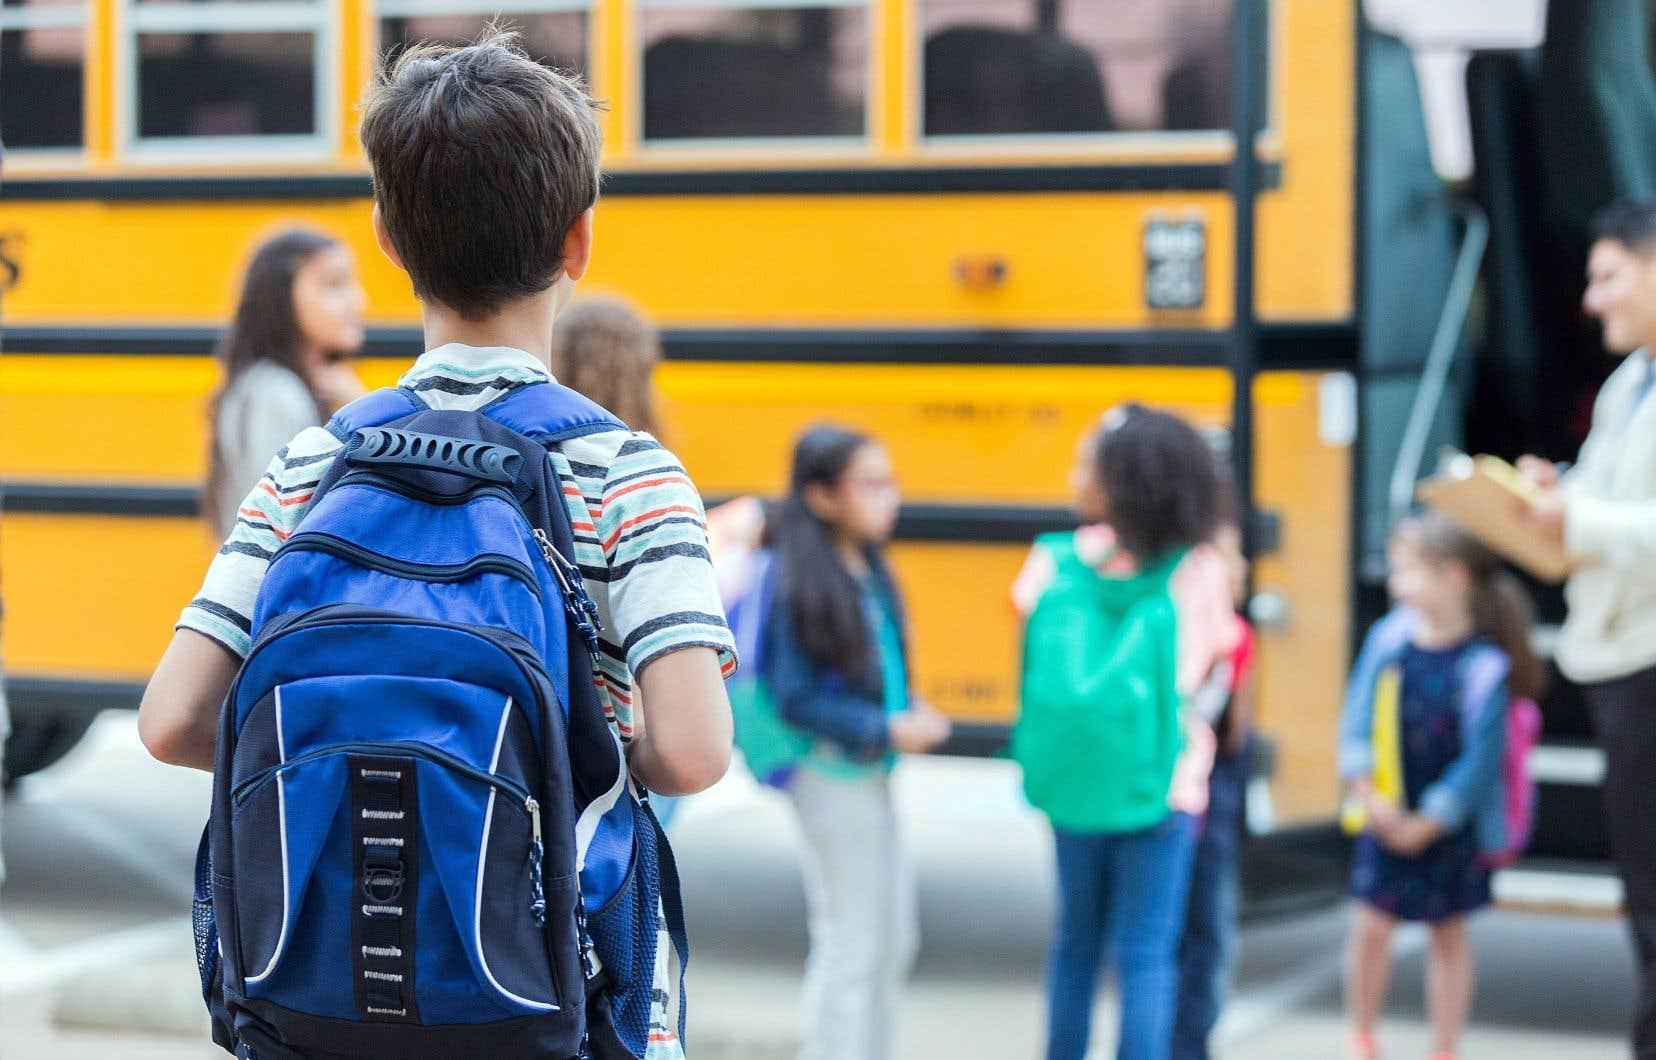 Déposé en décembre, le projet de loi no 3 prévoit «l'instauration d'un taux unique de taxation scolaire applicable à l'ensemble des commissions scolaires» du Québec.